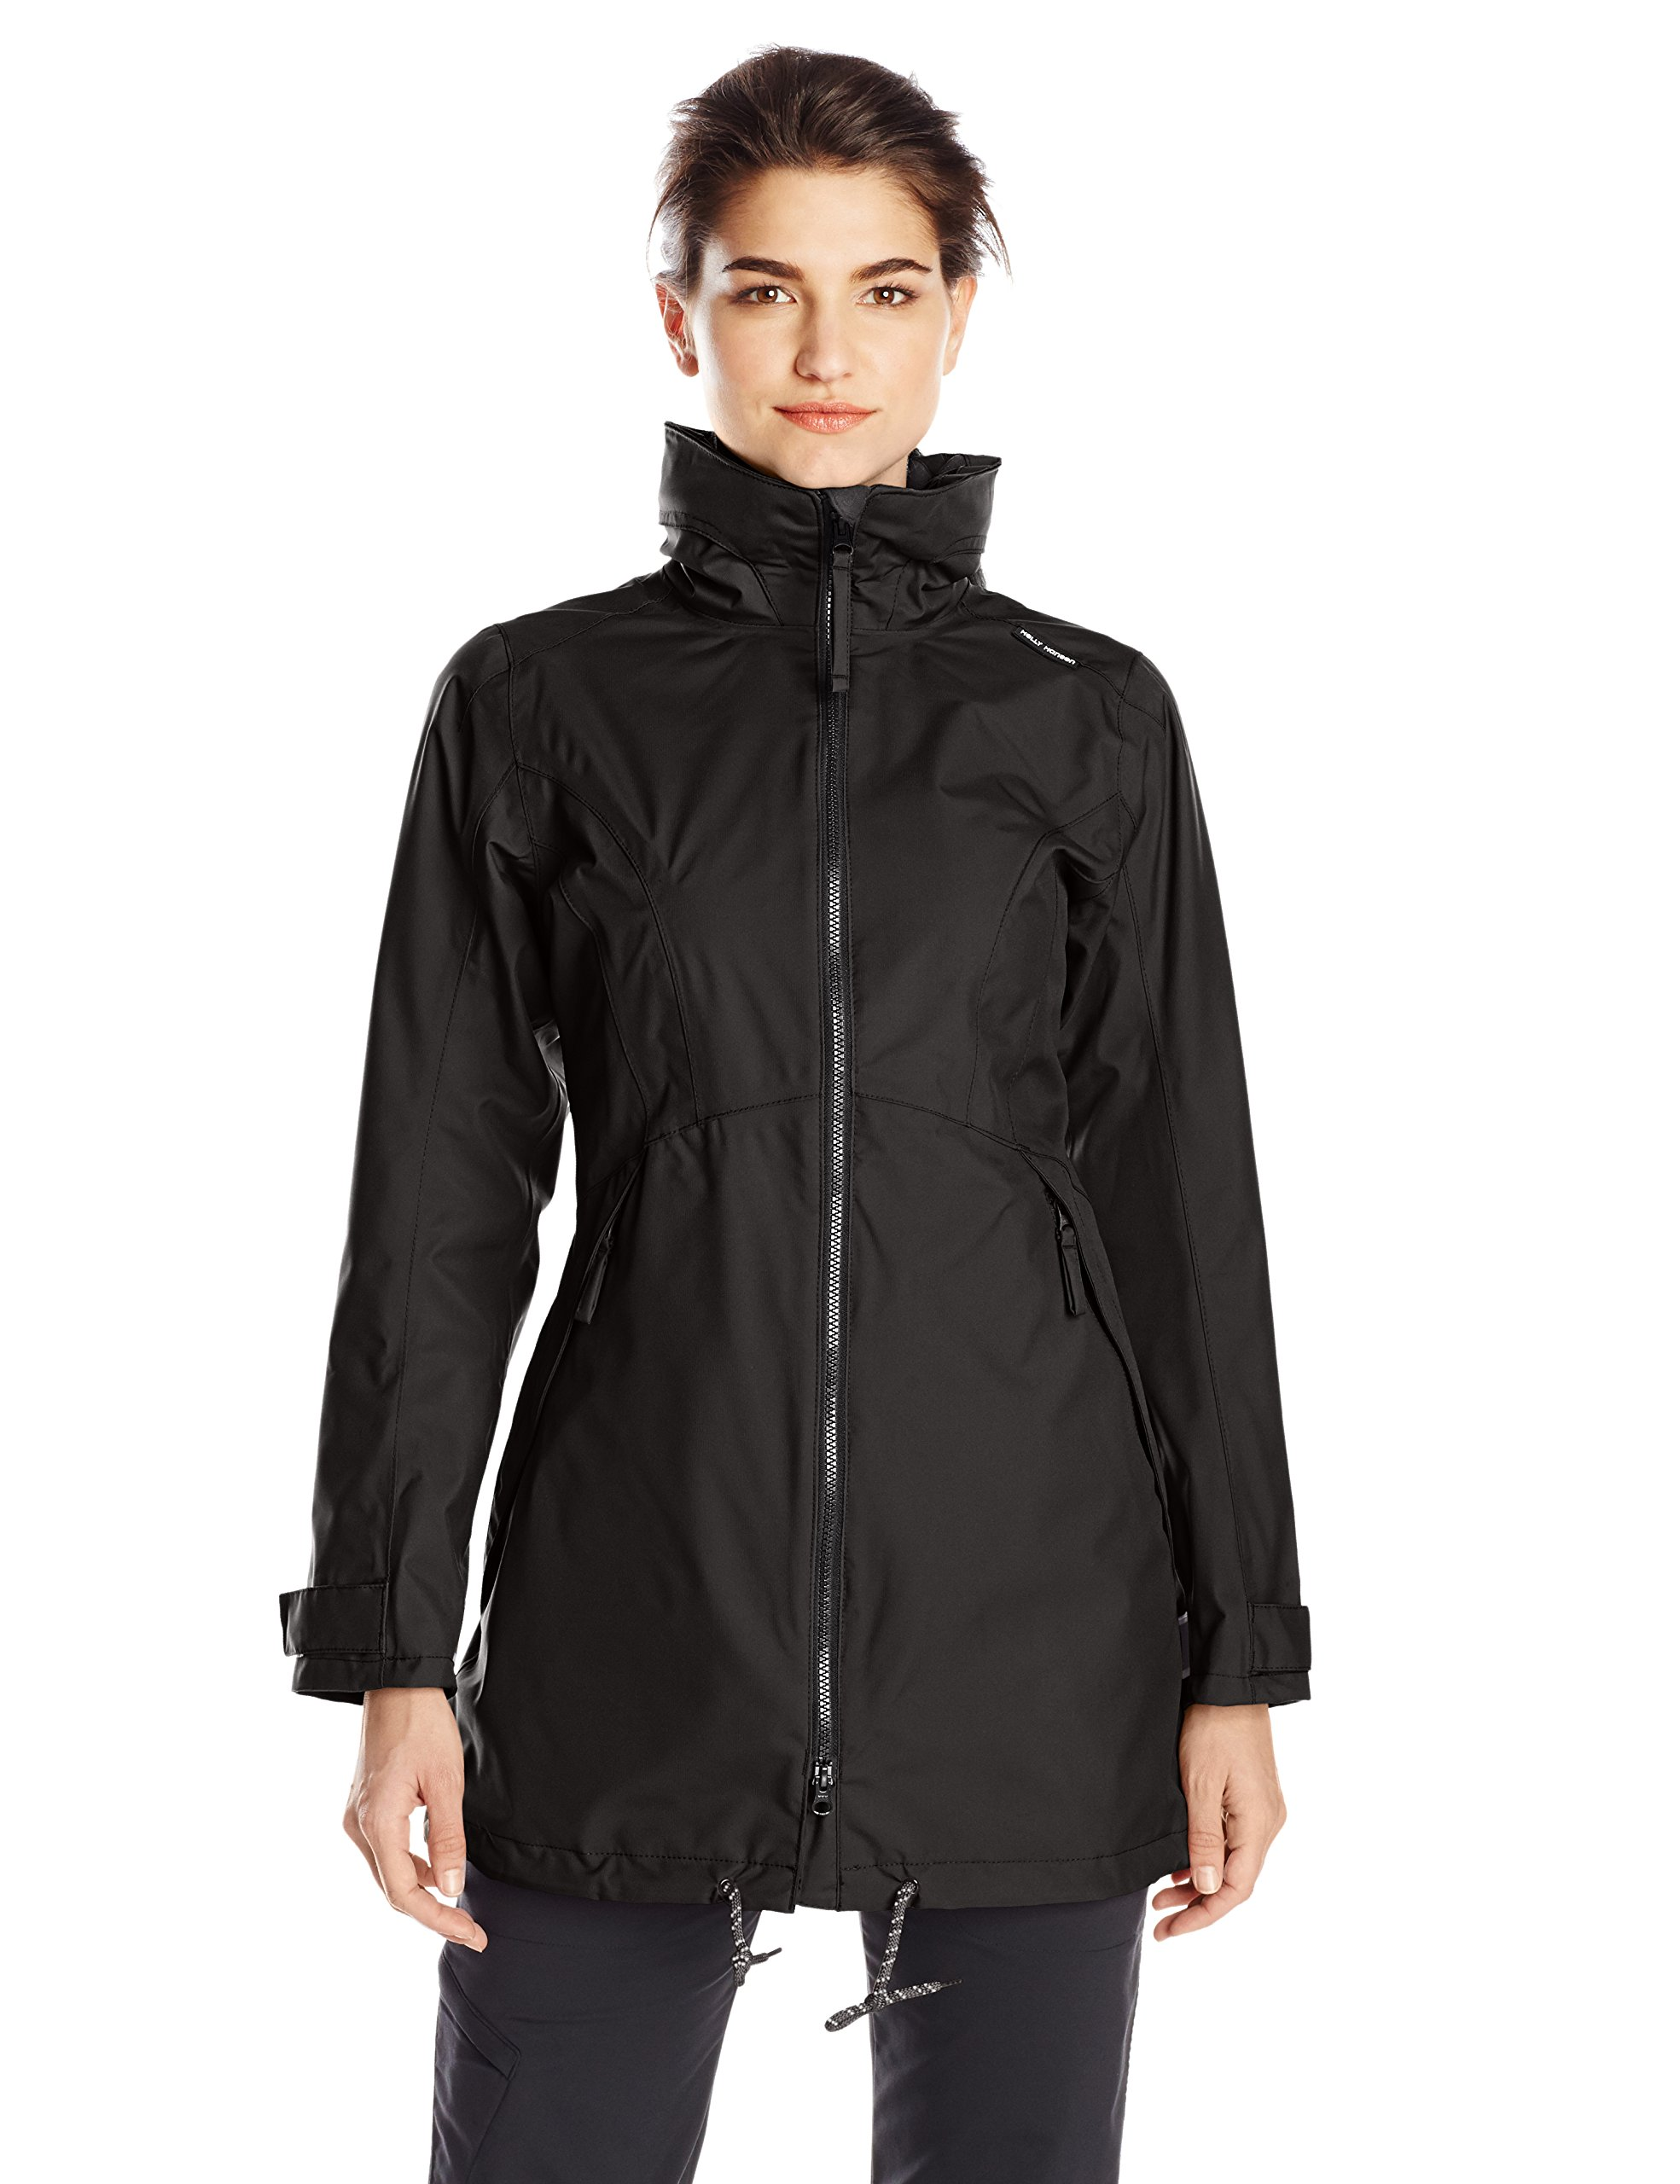 Helly Hansen Women's Laurel Long Jacket, Black, Medium